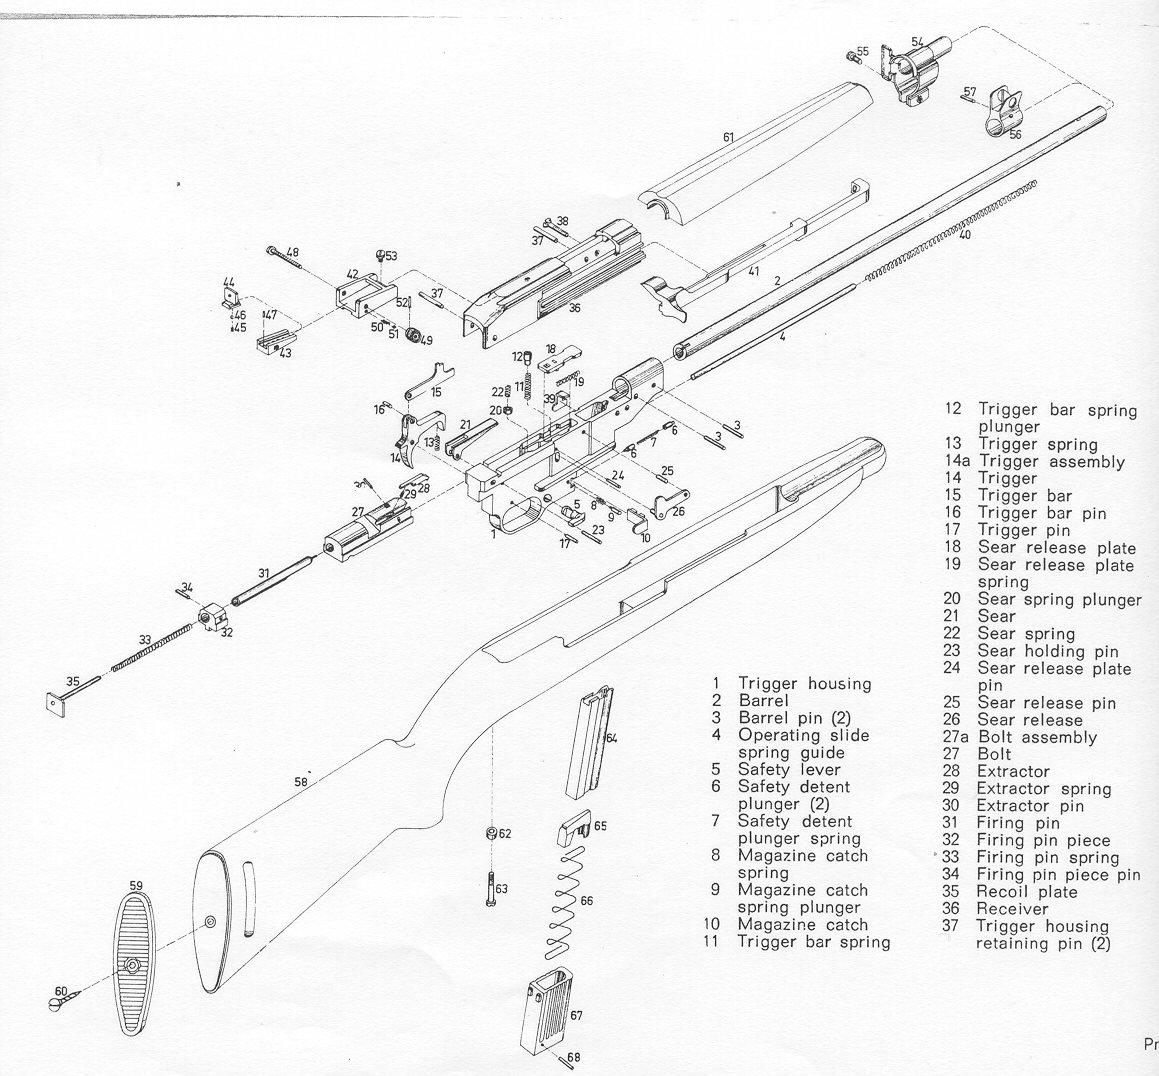 coil gun schematic diagram